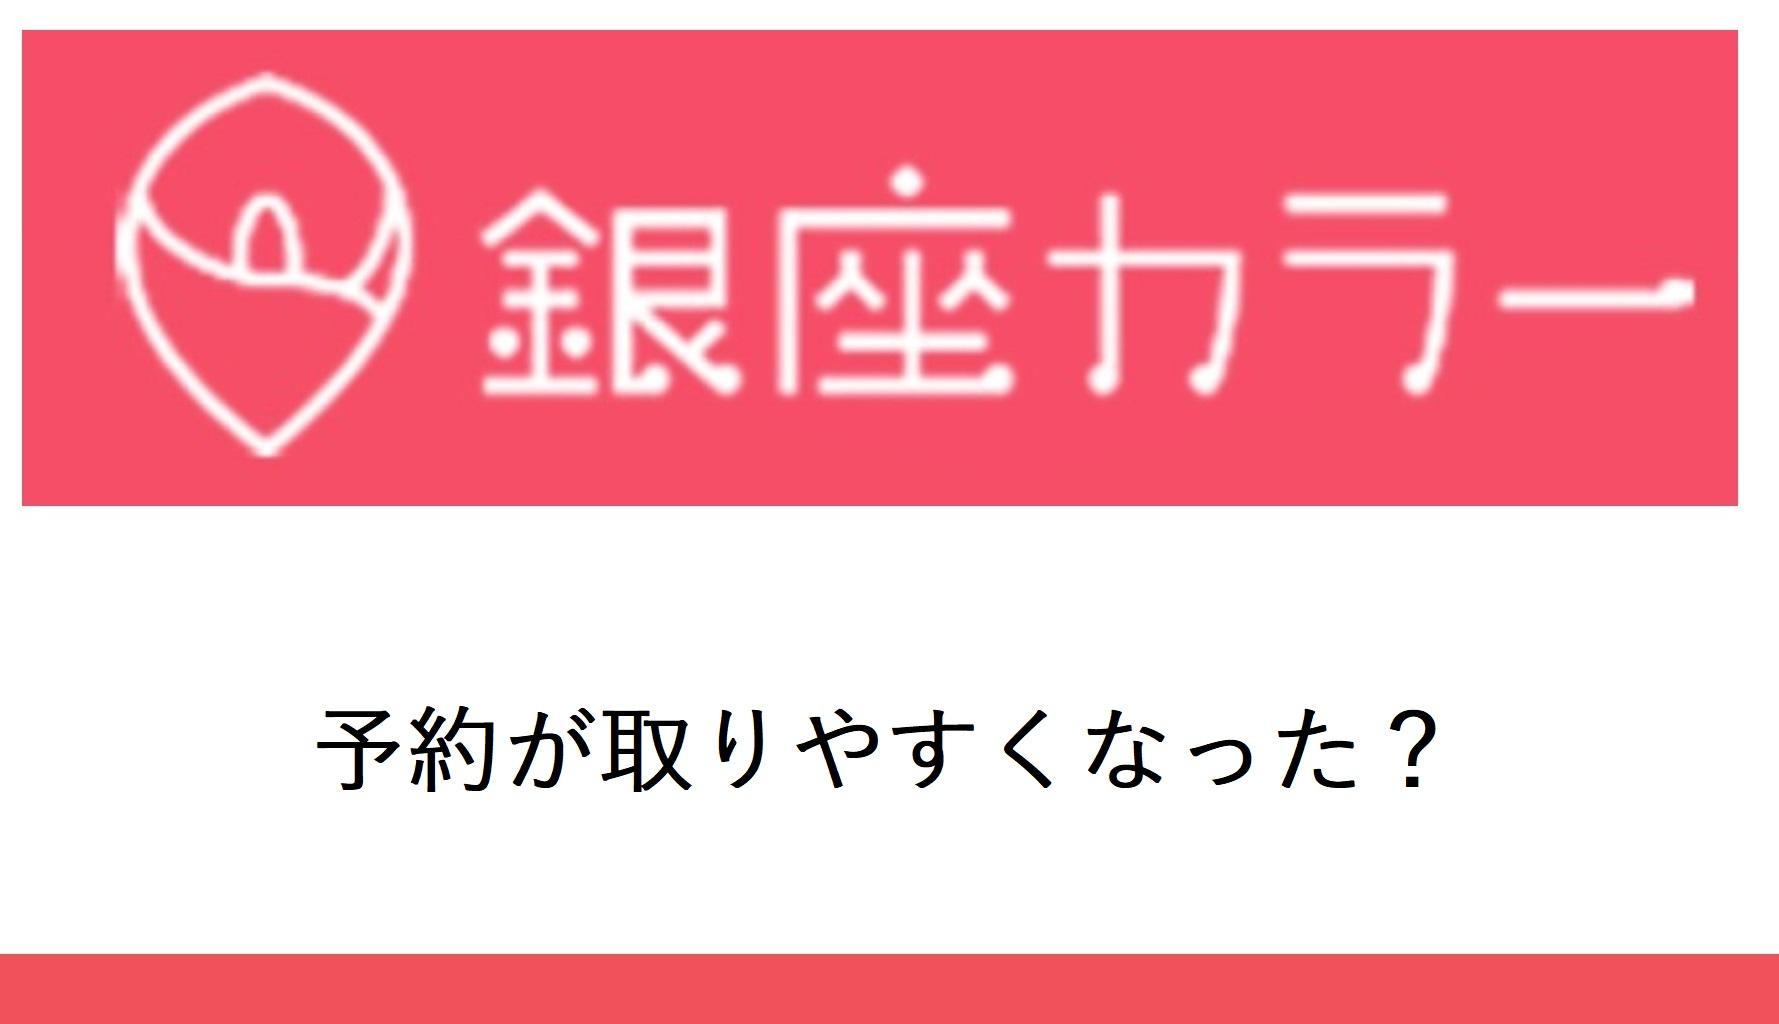 銀座カラー(予約が取りやすくなった)